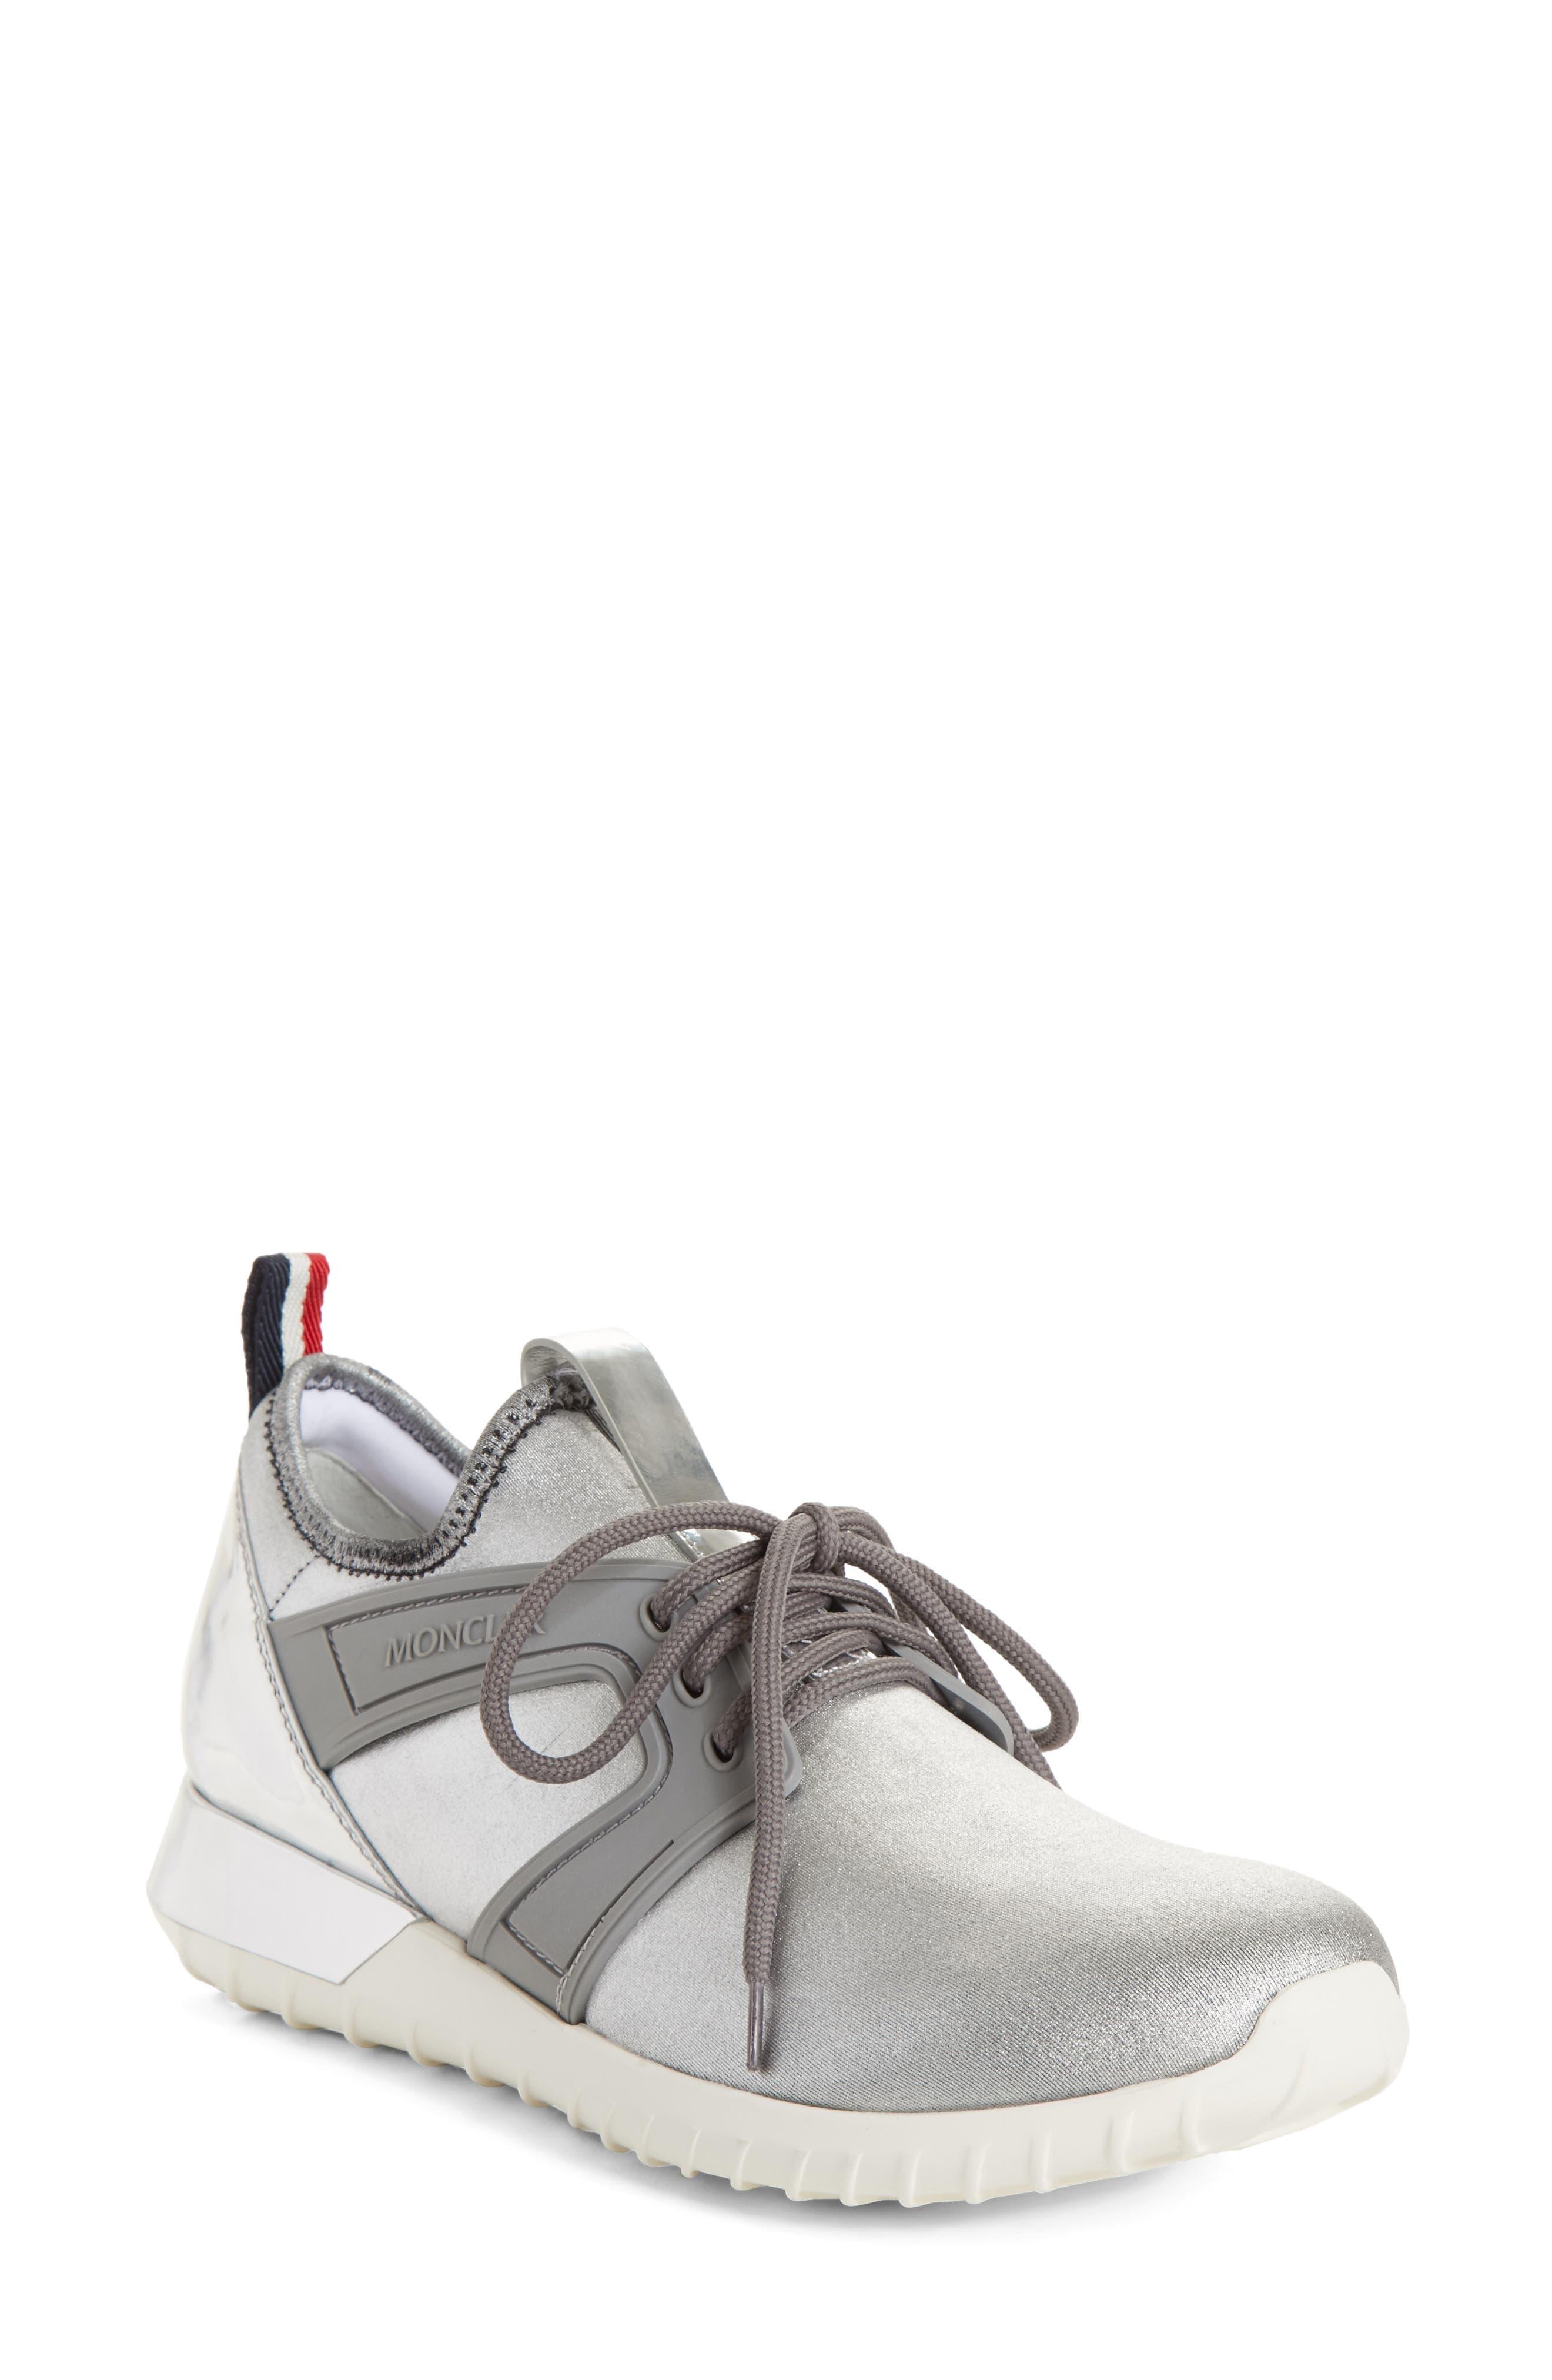 Meline Runner Sneaker,                             Main thumbnail 1, color,                             Silver